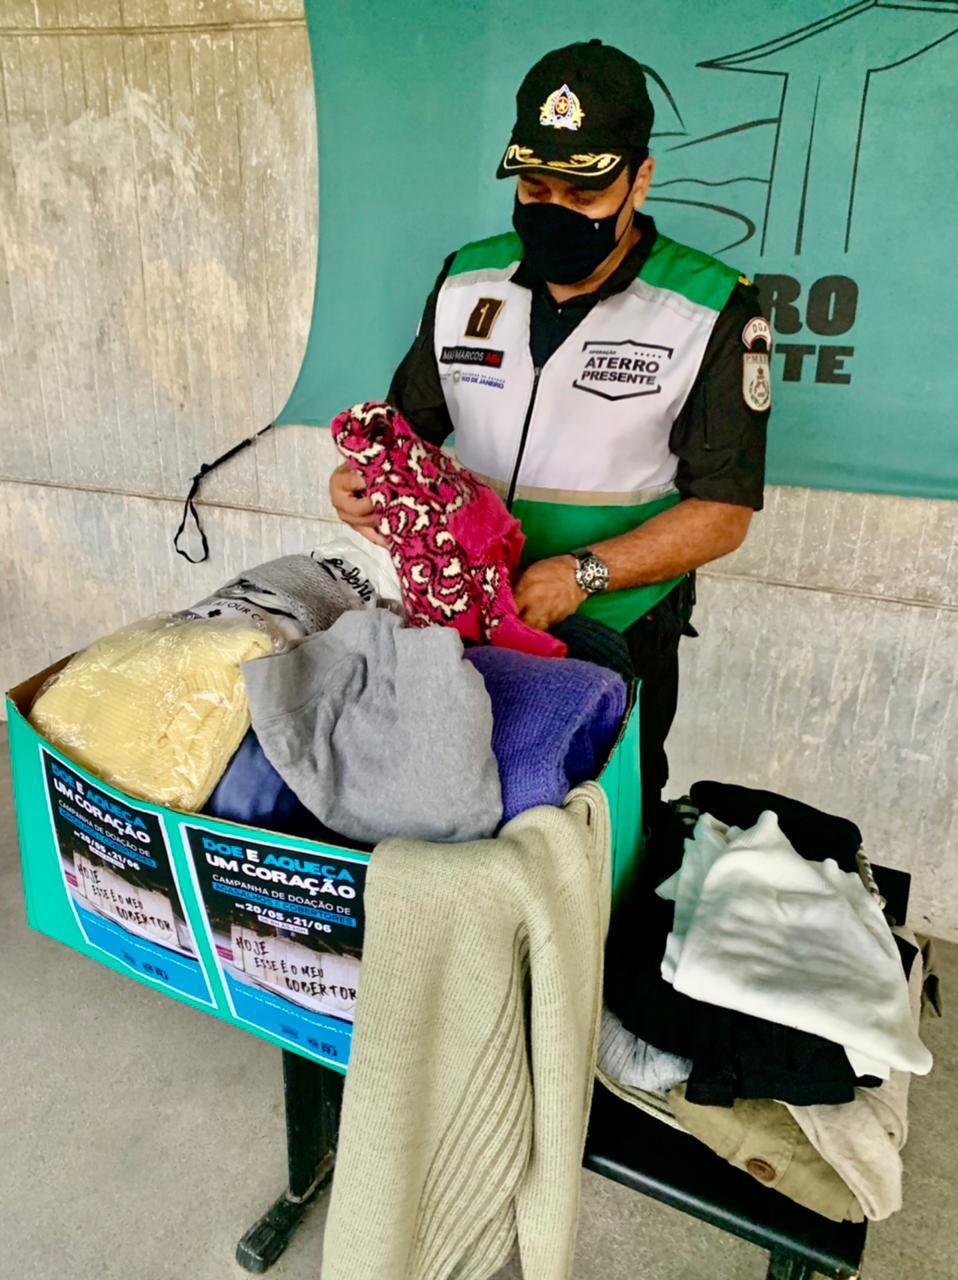 Imagem de um policial separando roupas para doações